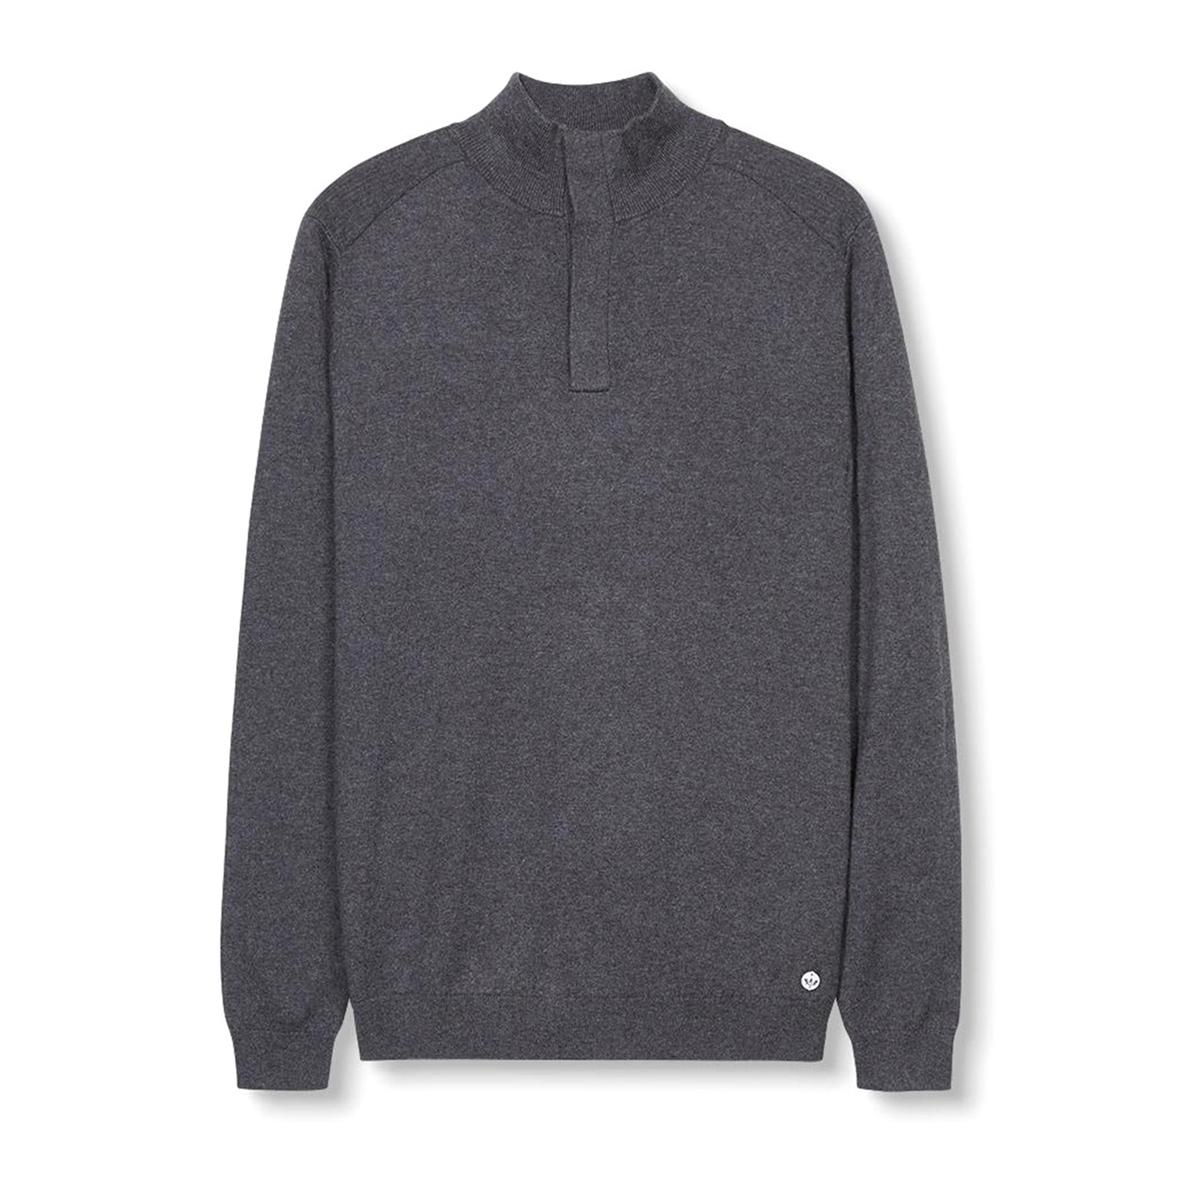 Пуловер из хлопка и шёлкаСостав и описание :Материал : 90% хлопка, 10% шелкаМарка : ESPRIT.<br><br>Цвет: антрацит<br>Размер: XL